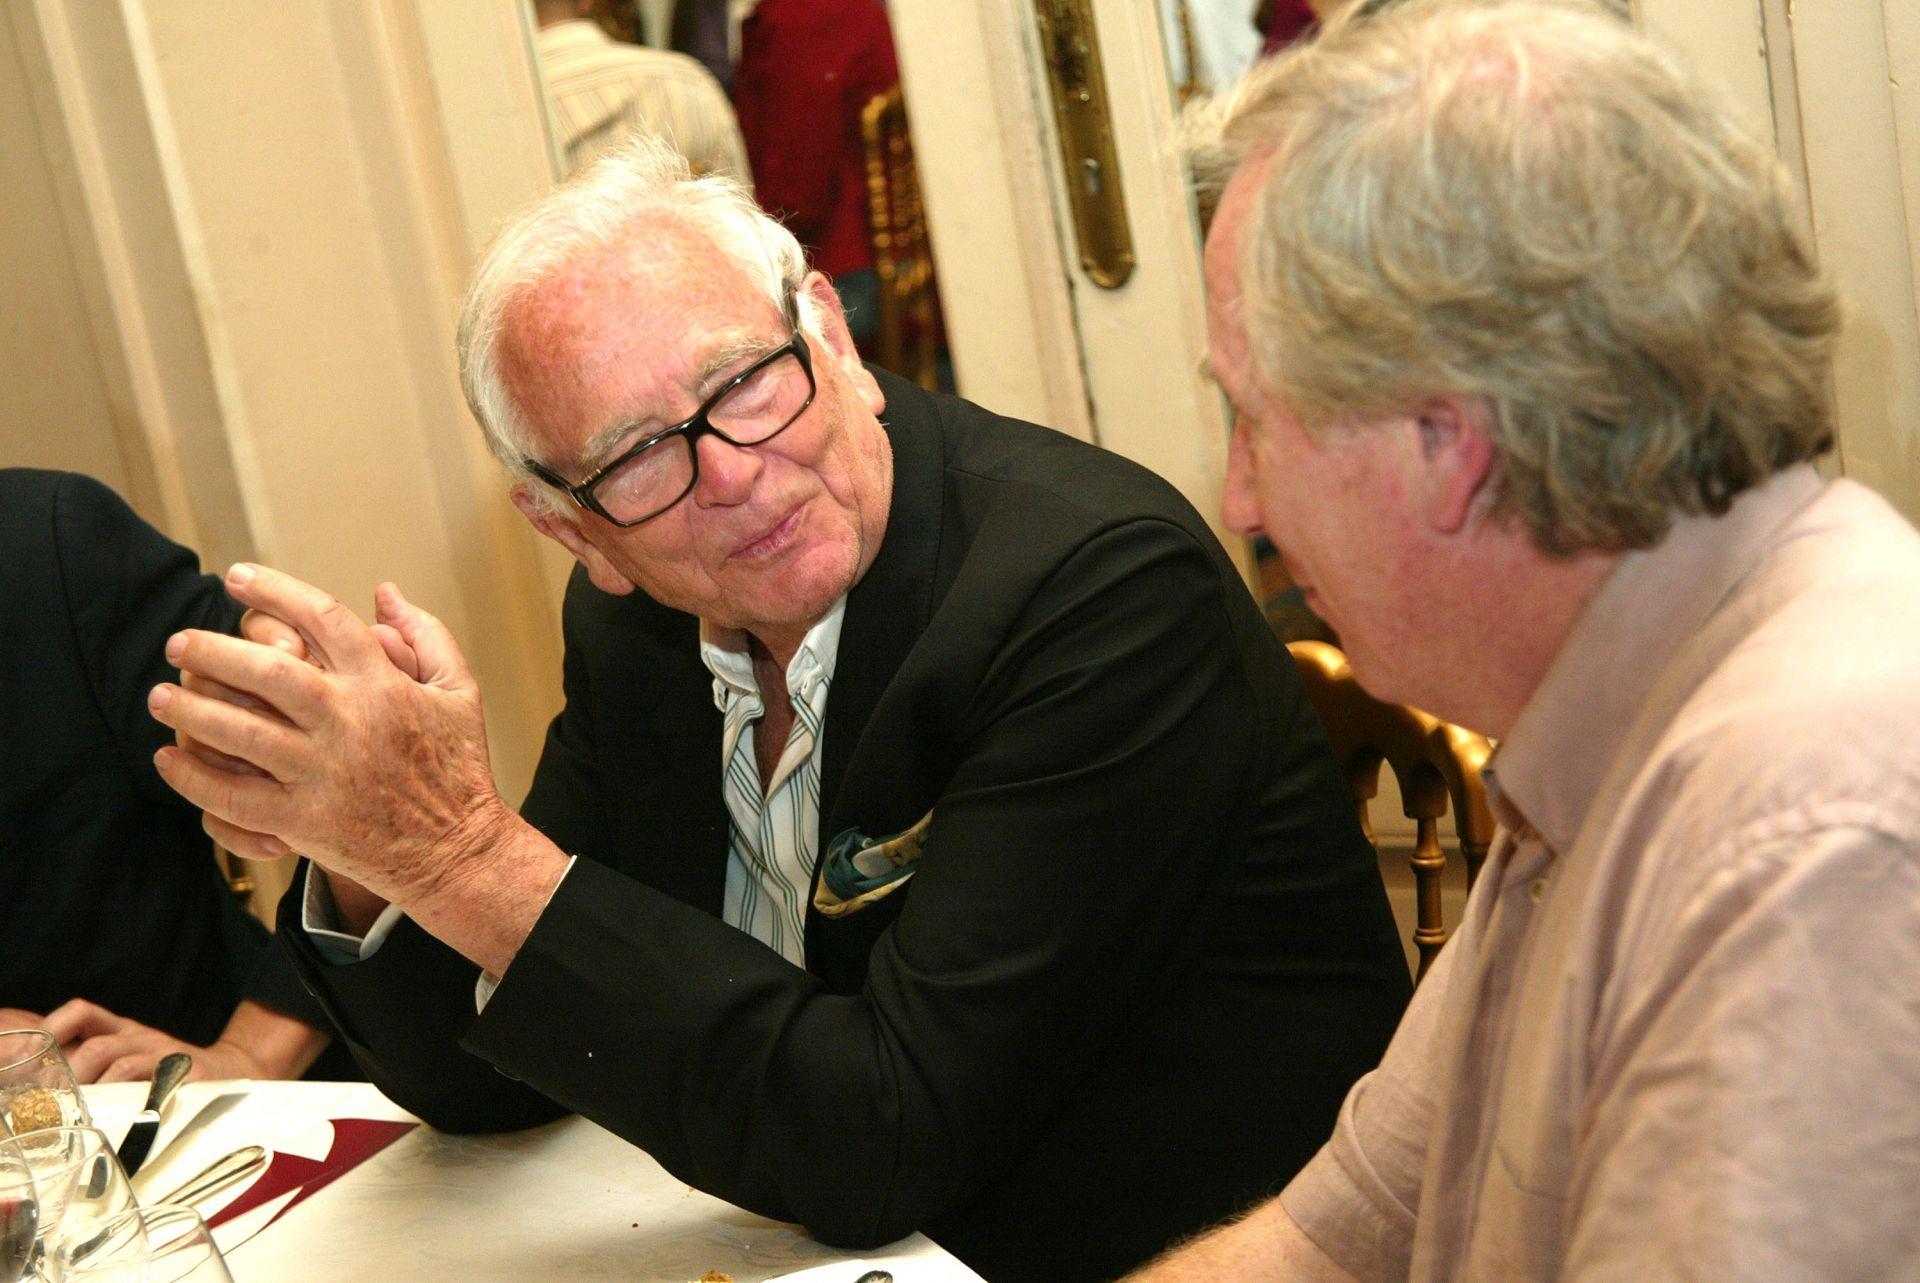 18 май 2004 г. Пиер Карден разговаря с непознат за широката общественост гост по време на т.нар. Обяд за кино и гастрономия на 57-ия Международен филмов фестивал в Кан